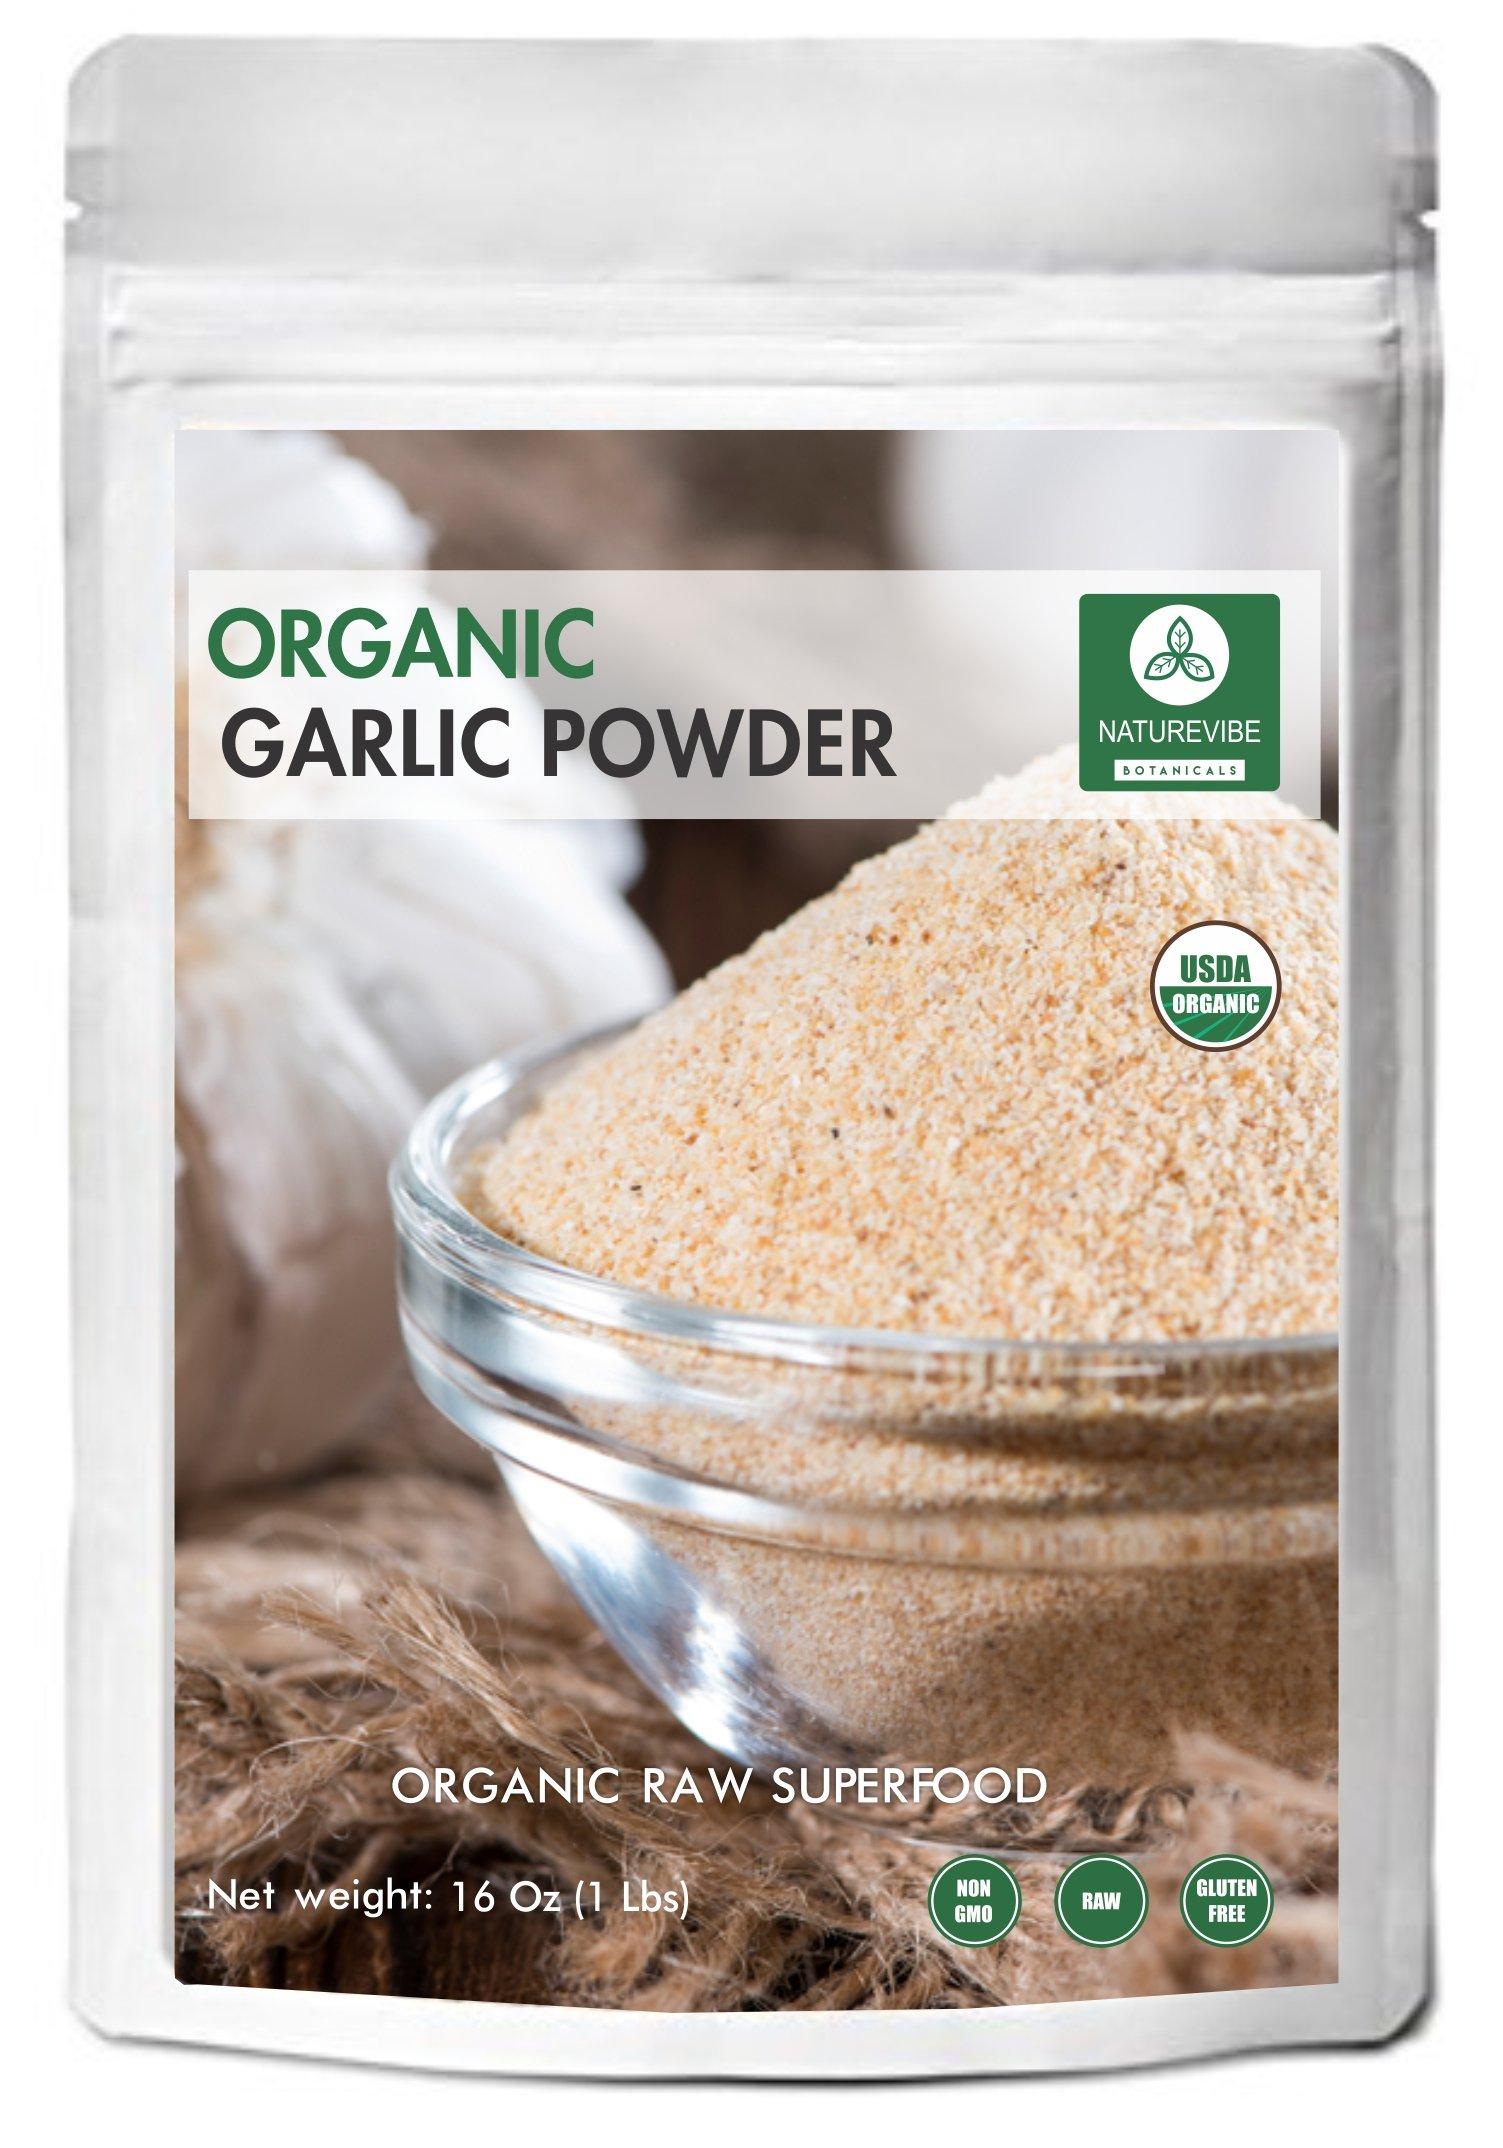 Naturevibe Botanicals - Organic Garlic Ground Powder (1 pound)